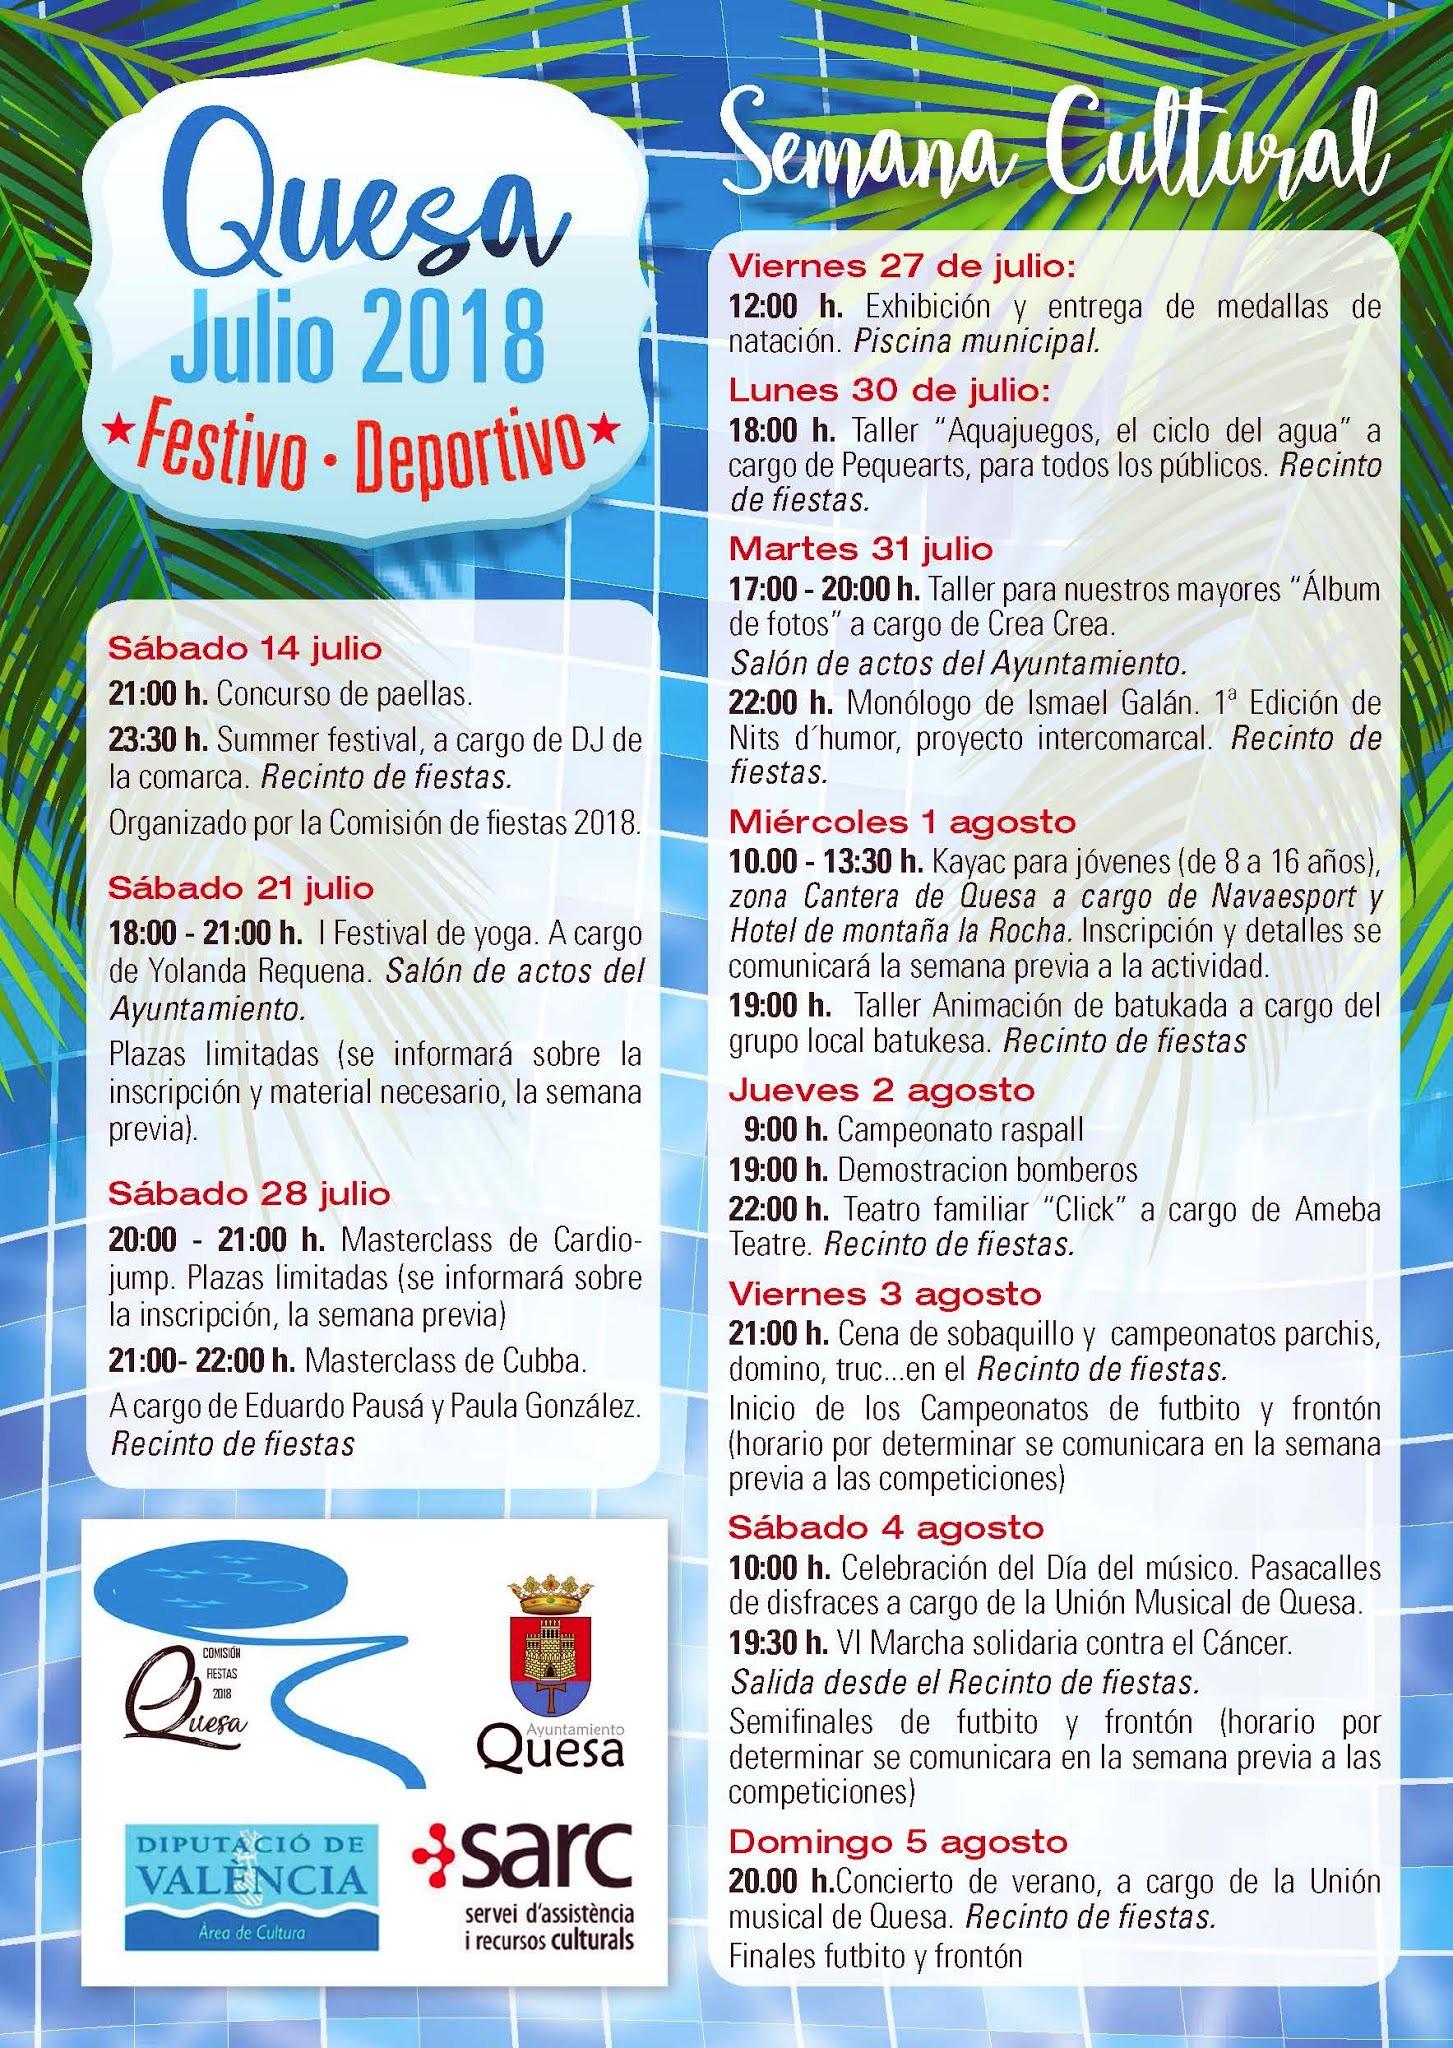 Calendario 2019 Con Festivos Valencia Más Arriba-a-fecha Polica Local De Quesa Of Calendario 2019 Con Festivos Valencia Más Recientemente Liberado Calaméo Gara